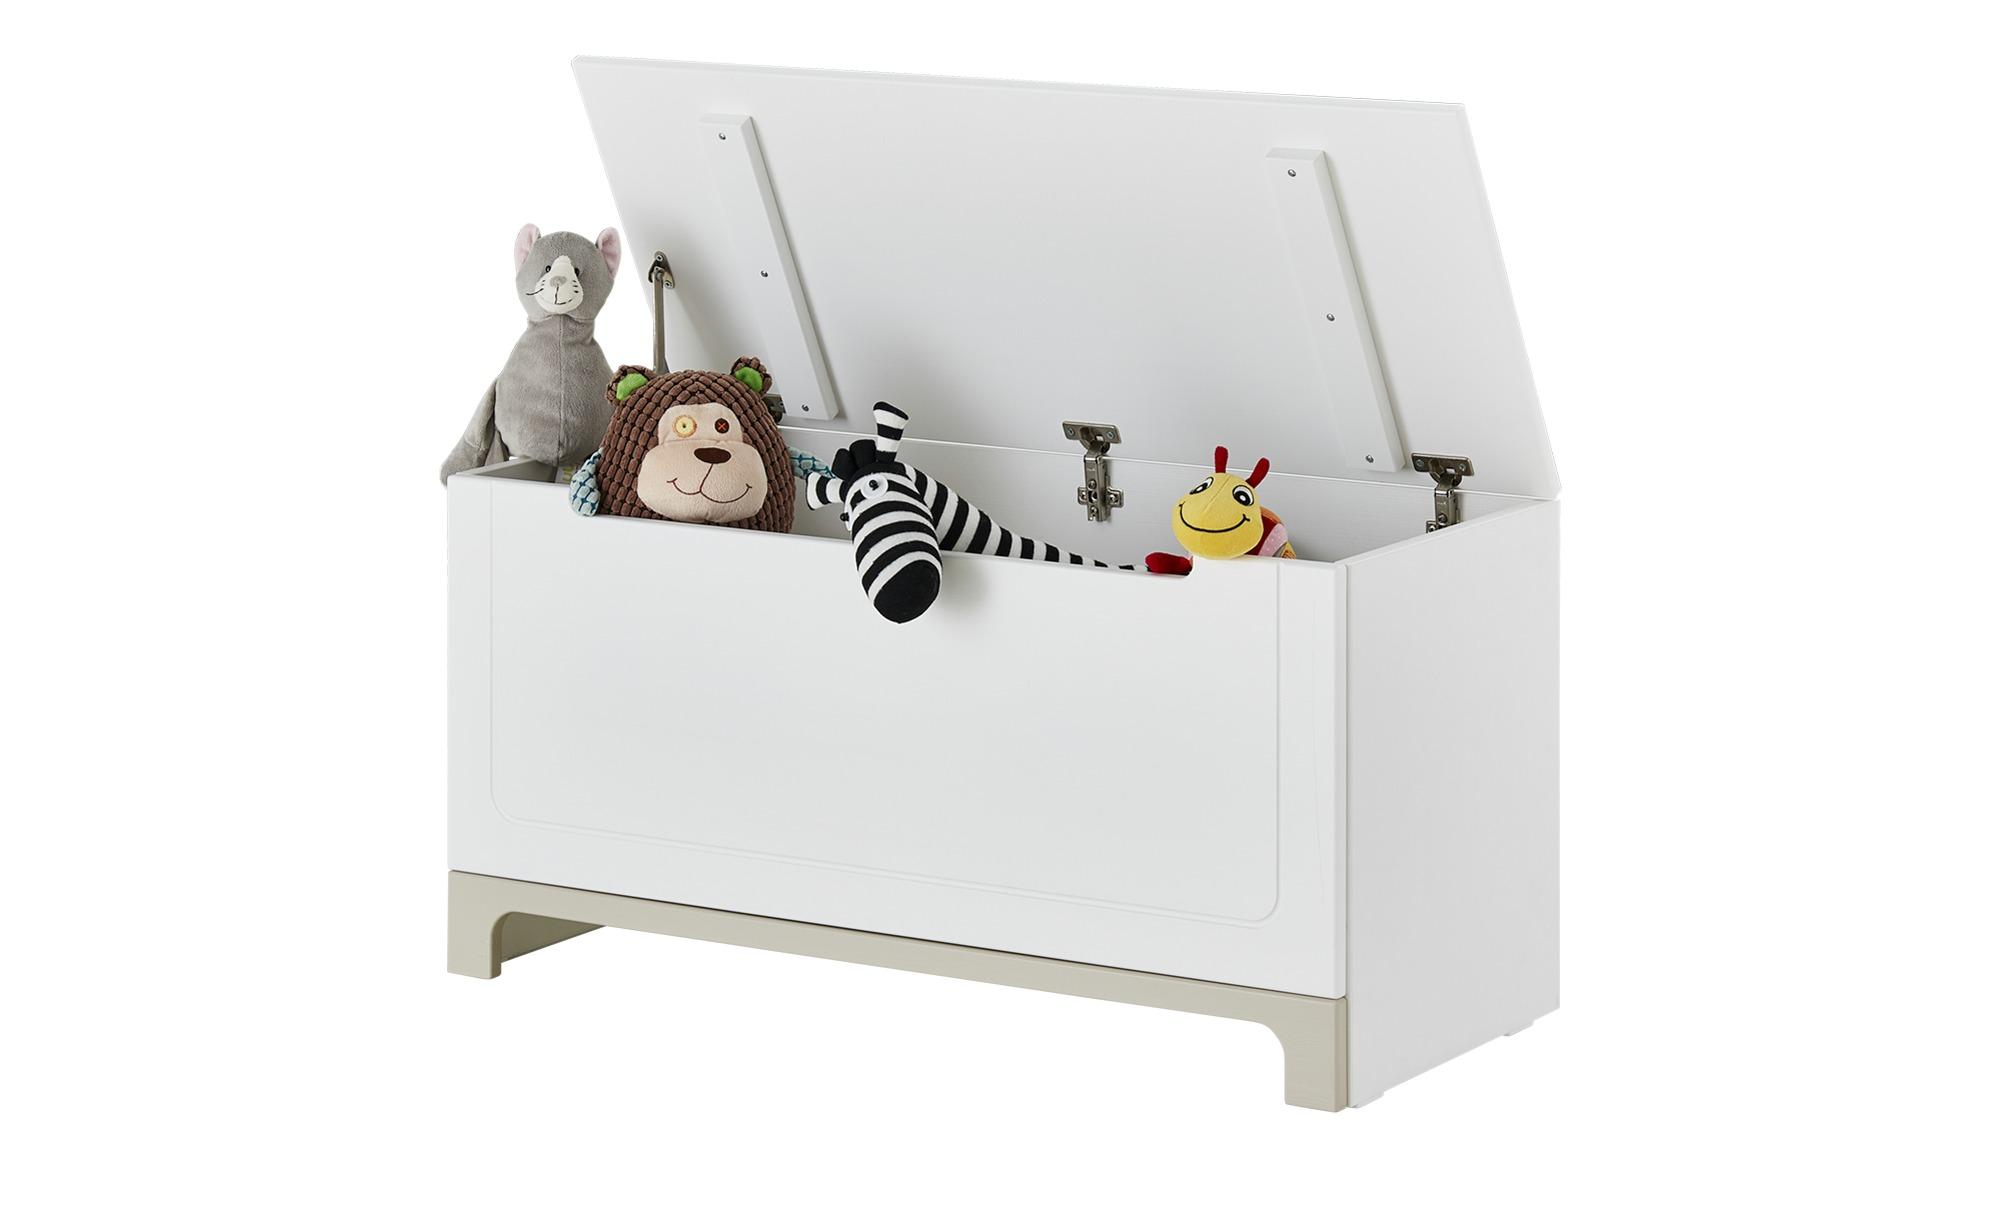 Spielzeugkiste - weiß - 43 cm - 50 cm - 43 cm - Aufbewahrung > Truhen & Kisten - Möbel Kraft   Kinderzimmer > Spielzeuge > Spielzeugkisten   Sconto